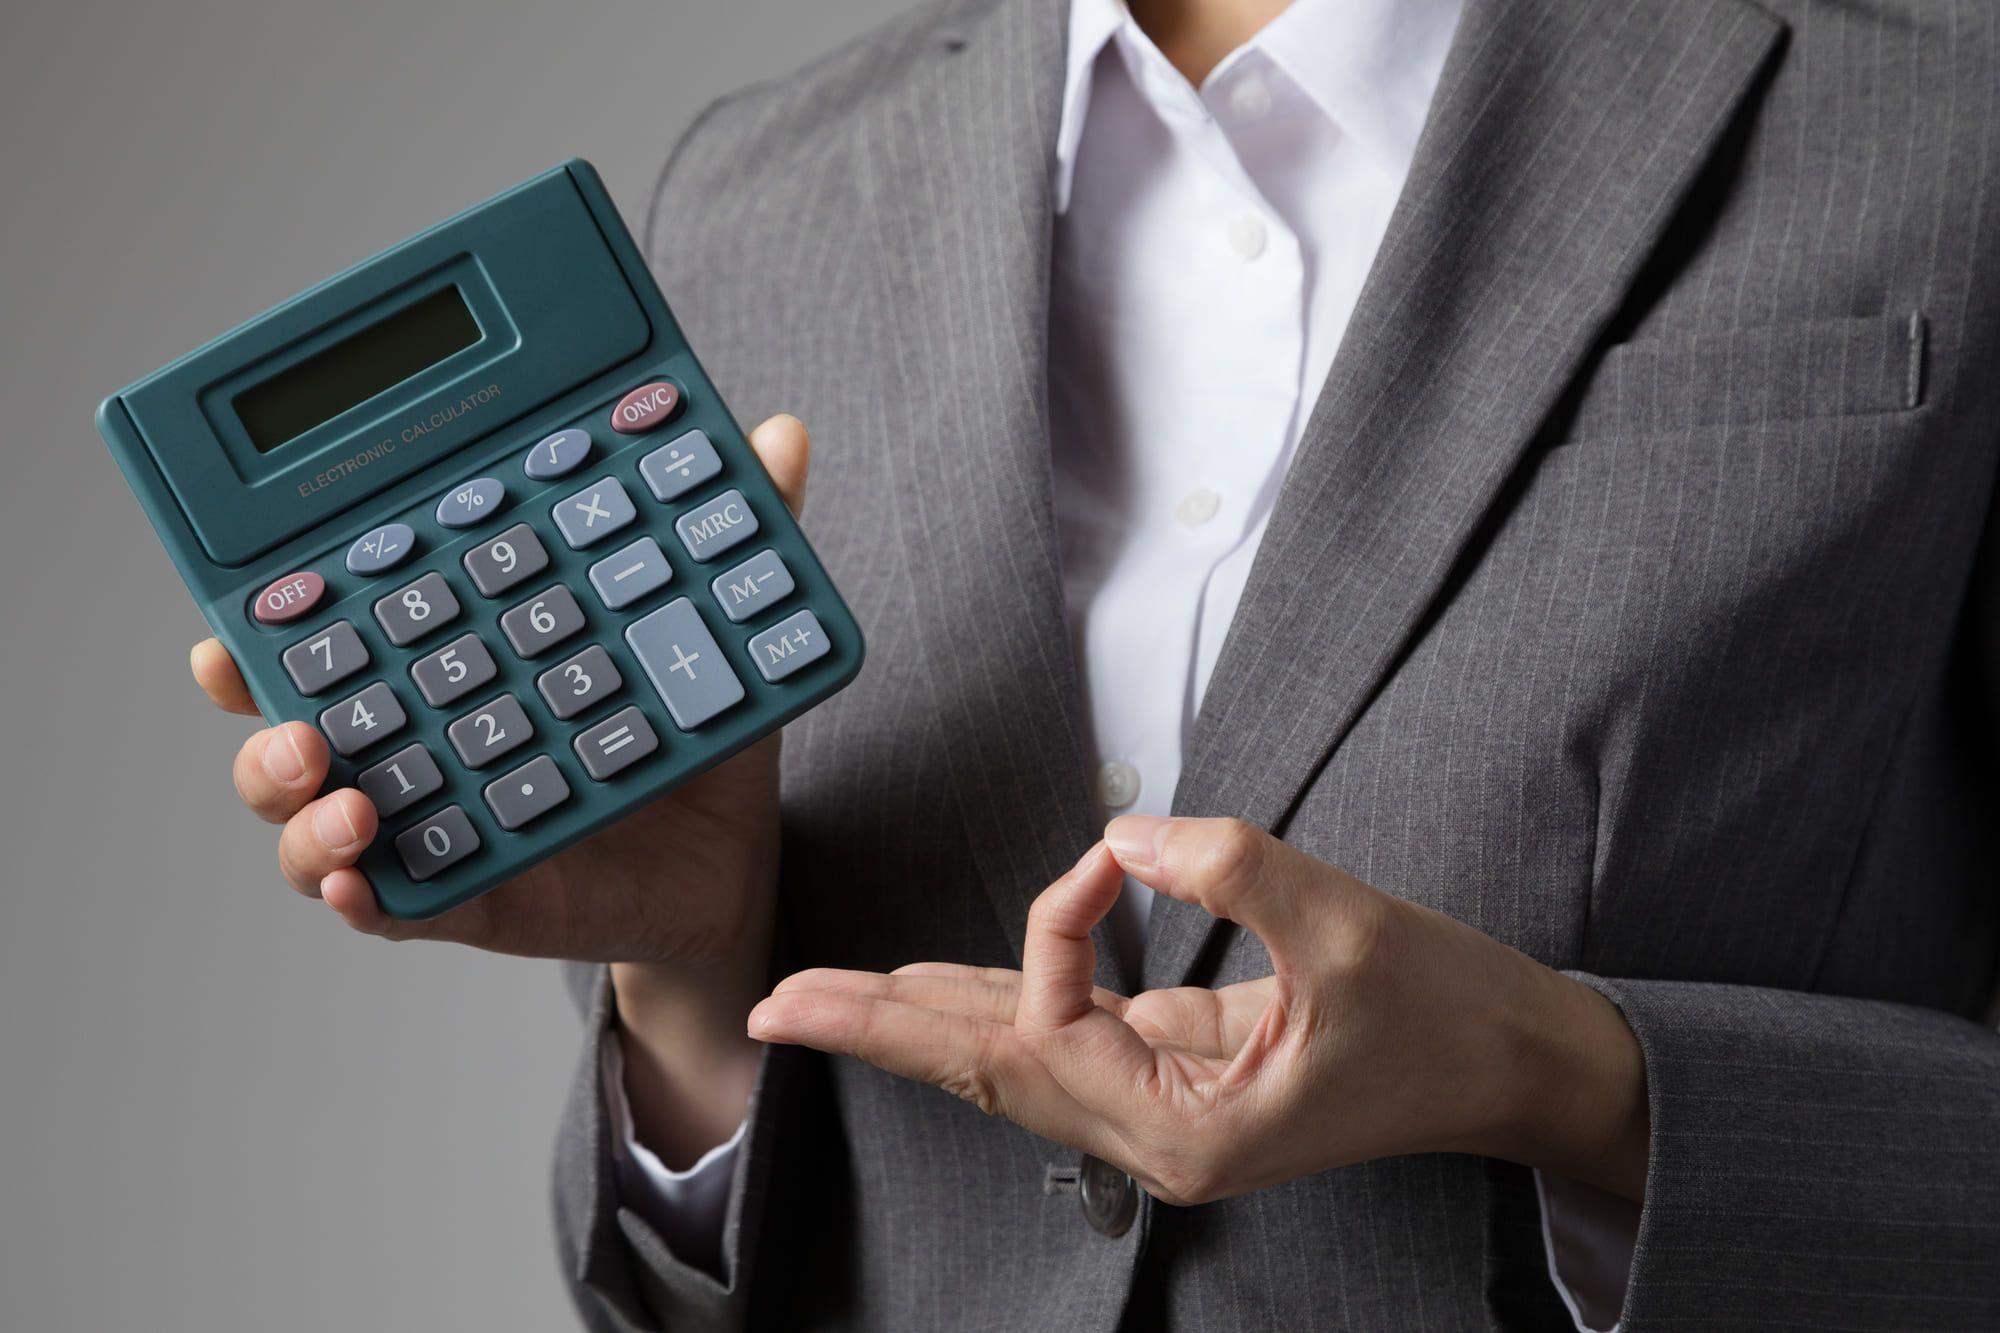 個人事業主が仕事用とプライベートで銀行口座を分ける4つのメリット